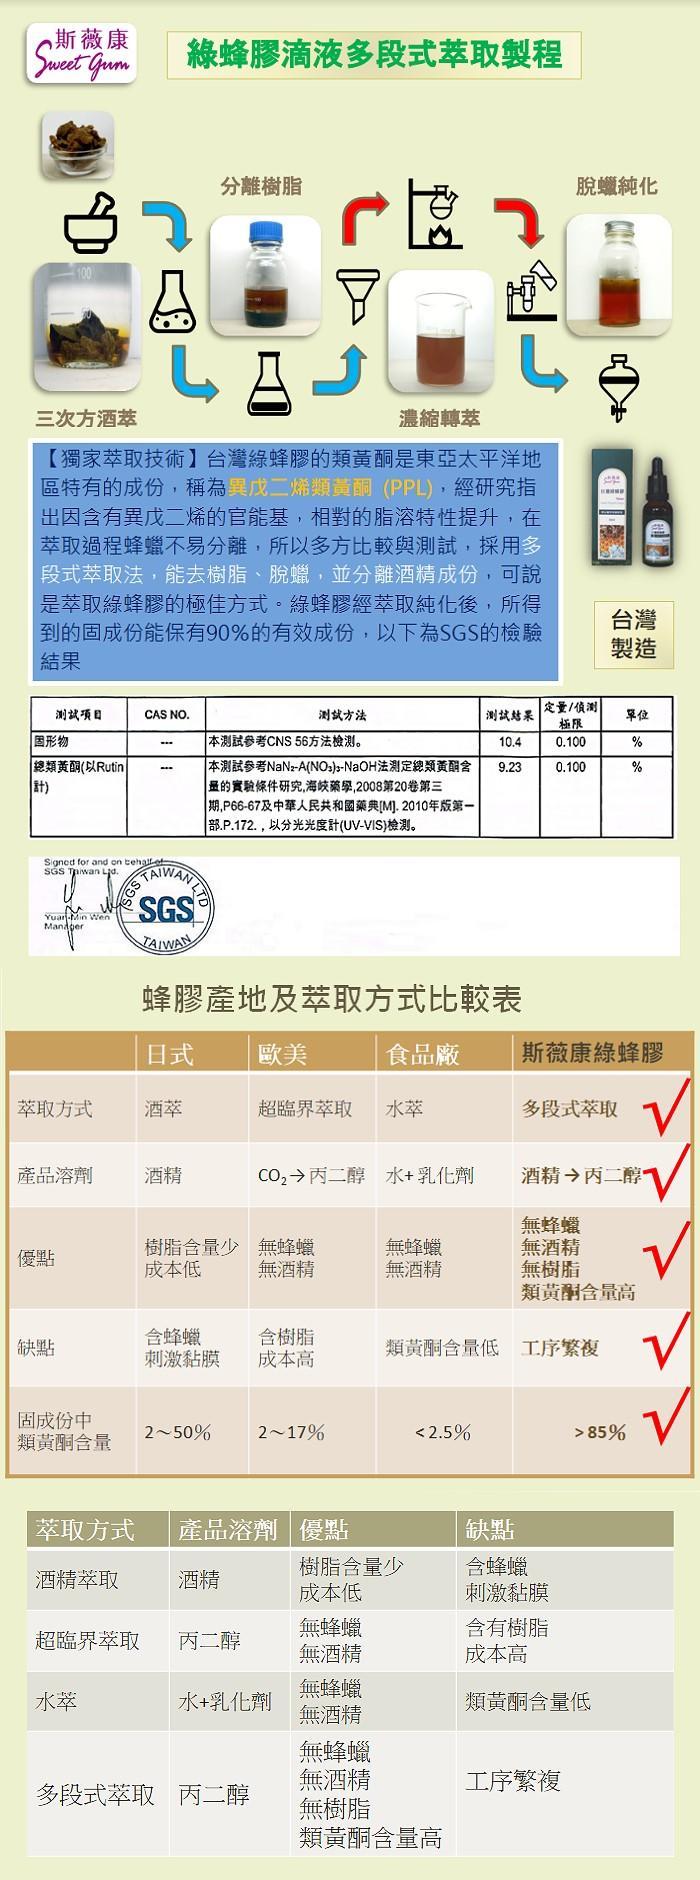 斯薇康-台灣綠蜂膠滴液(30mlX3瓶)產品資訊